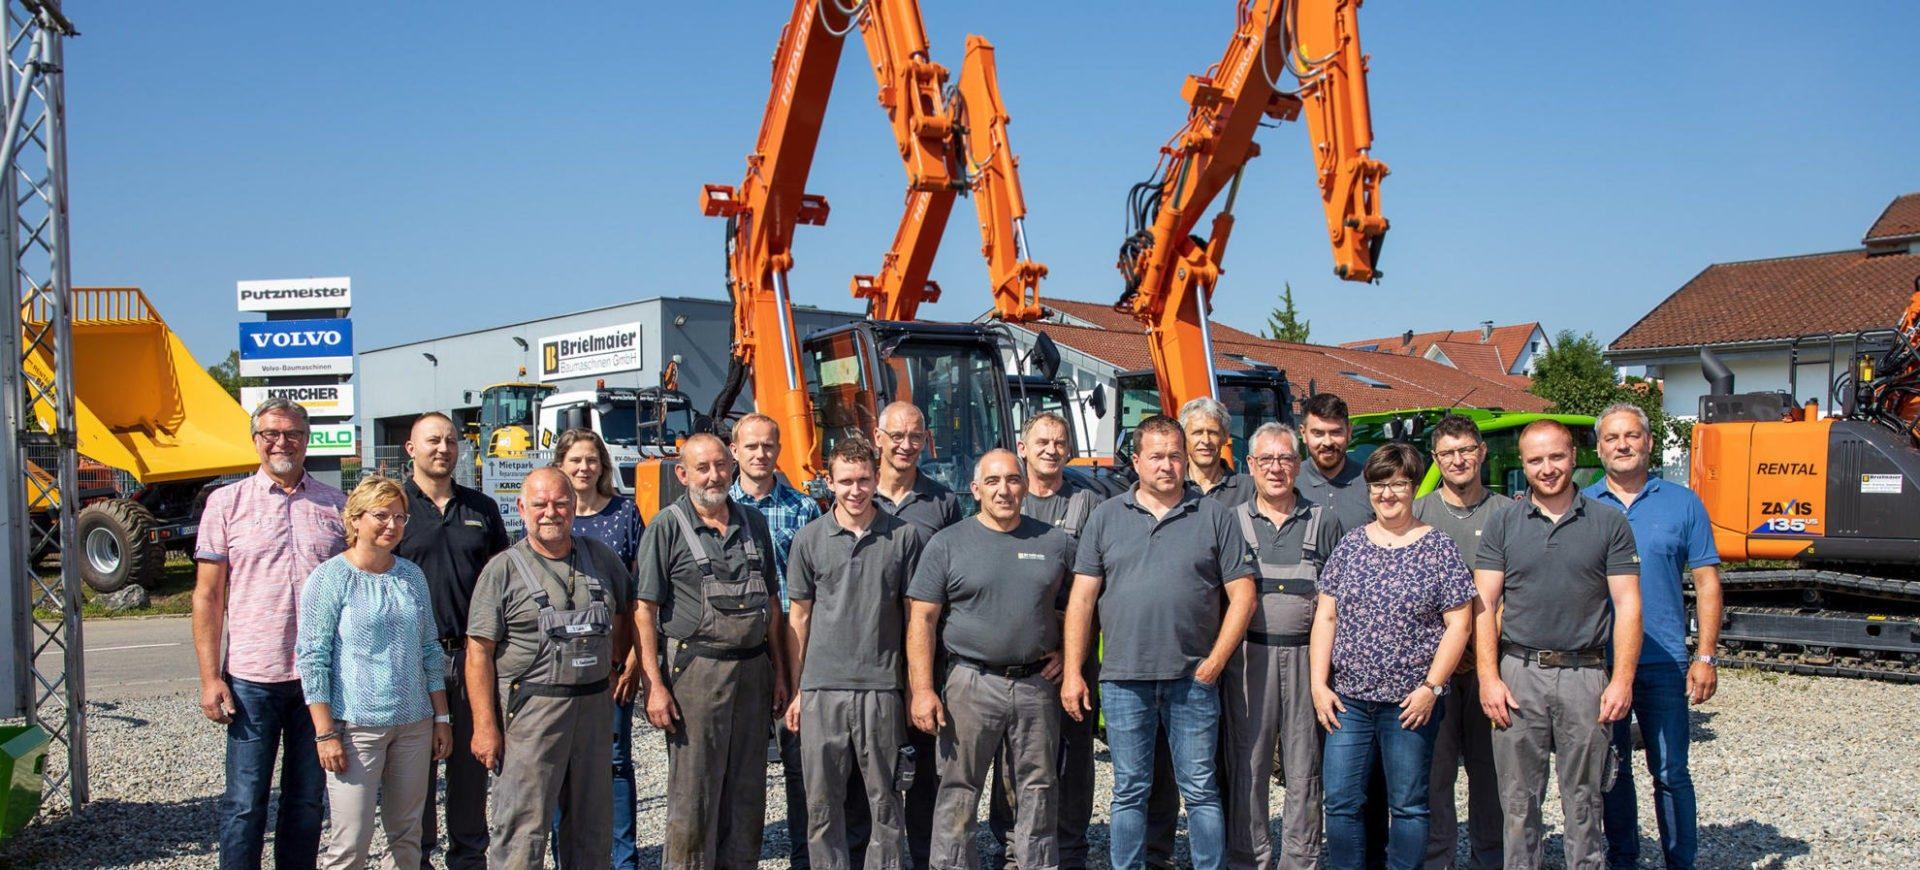 Belegschaft bei Brielmaier Baumaschinen